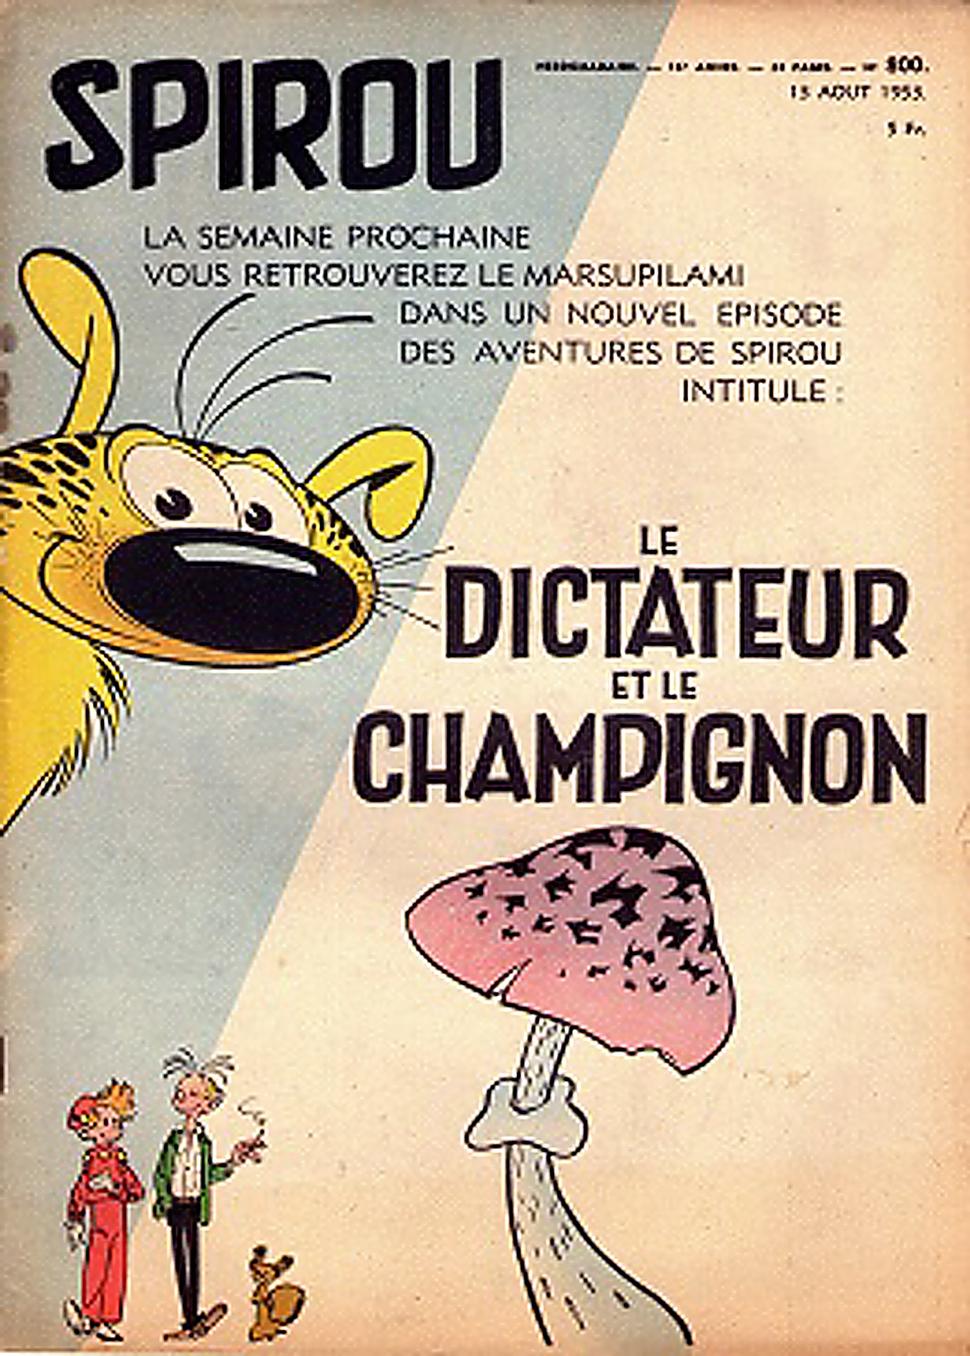 page-annonce-couverture-spirou-800-du-13-aout-1953.jpg